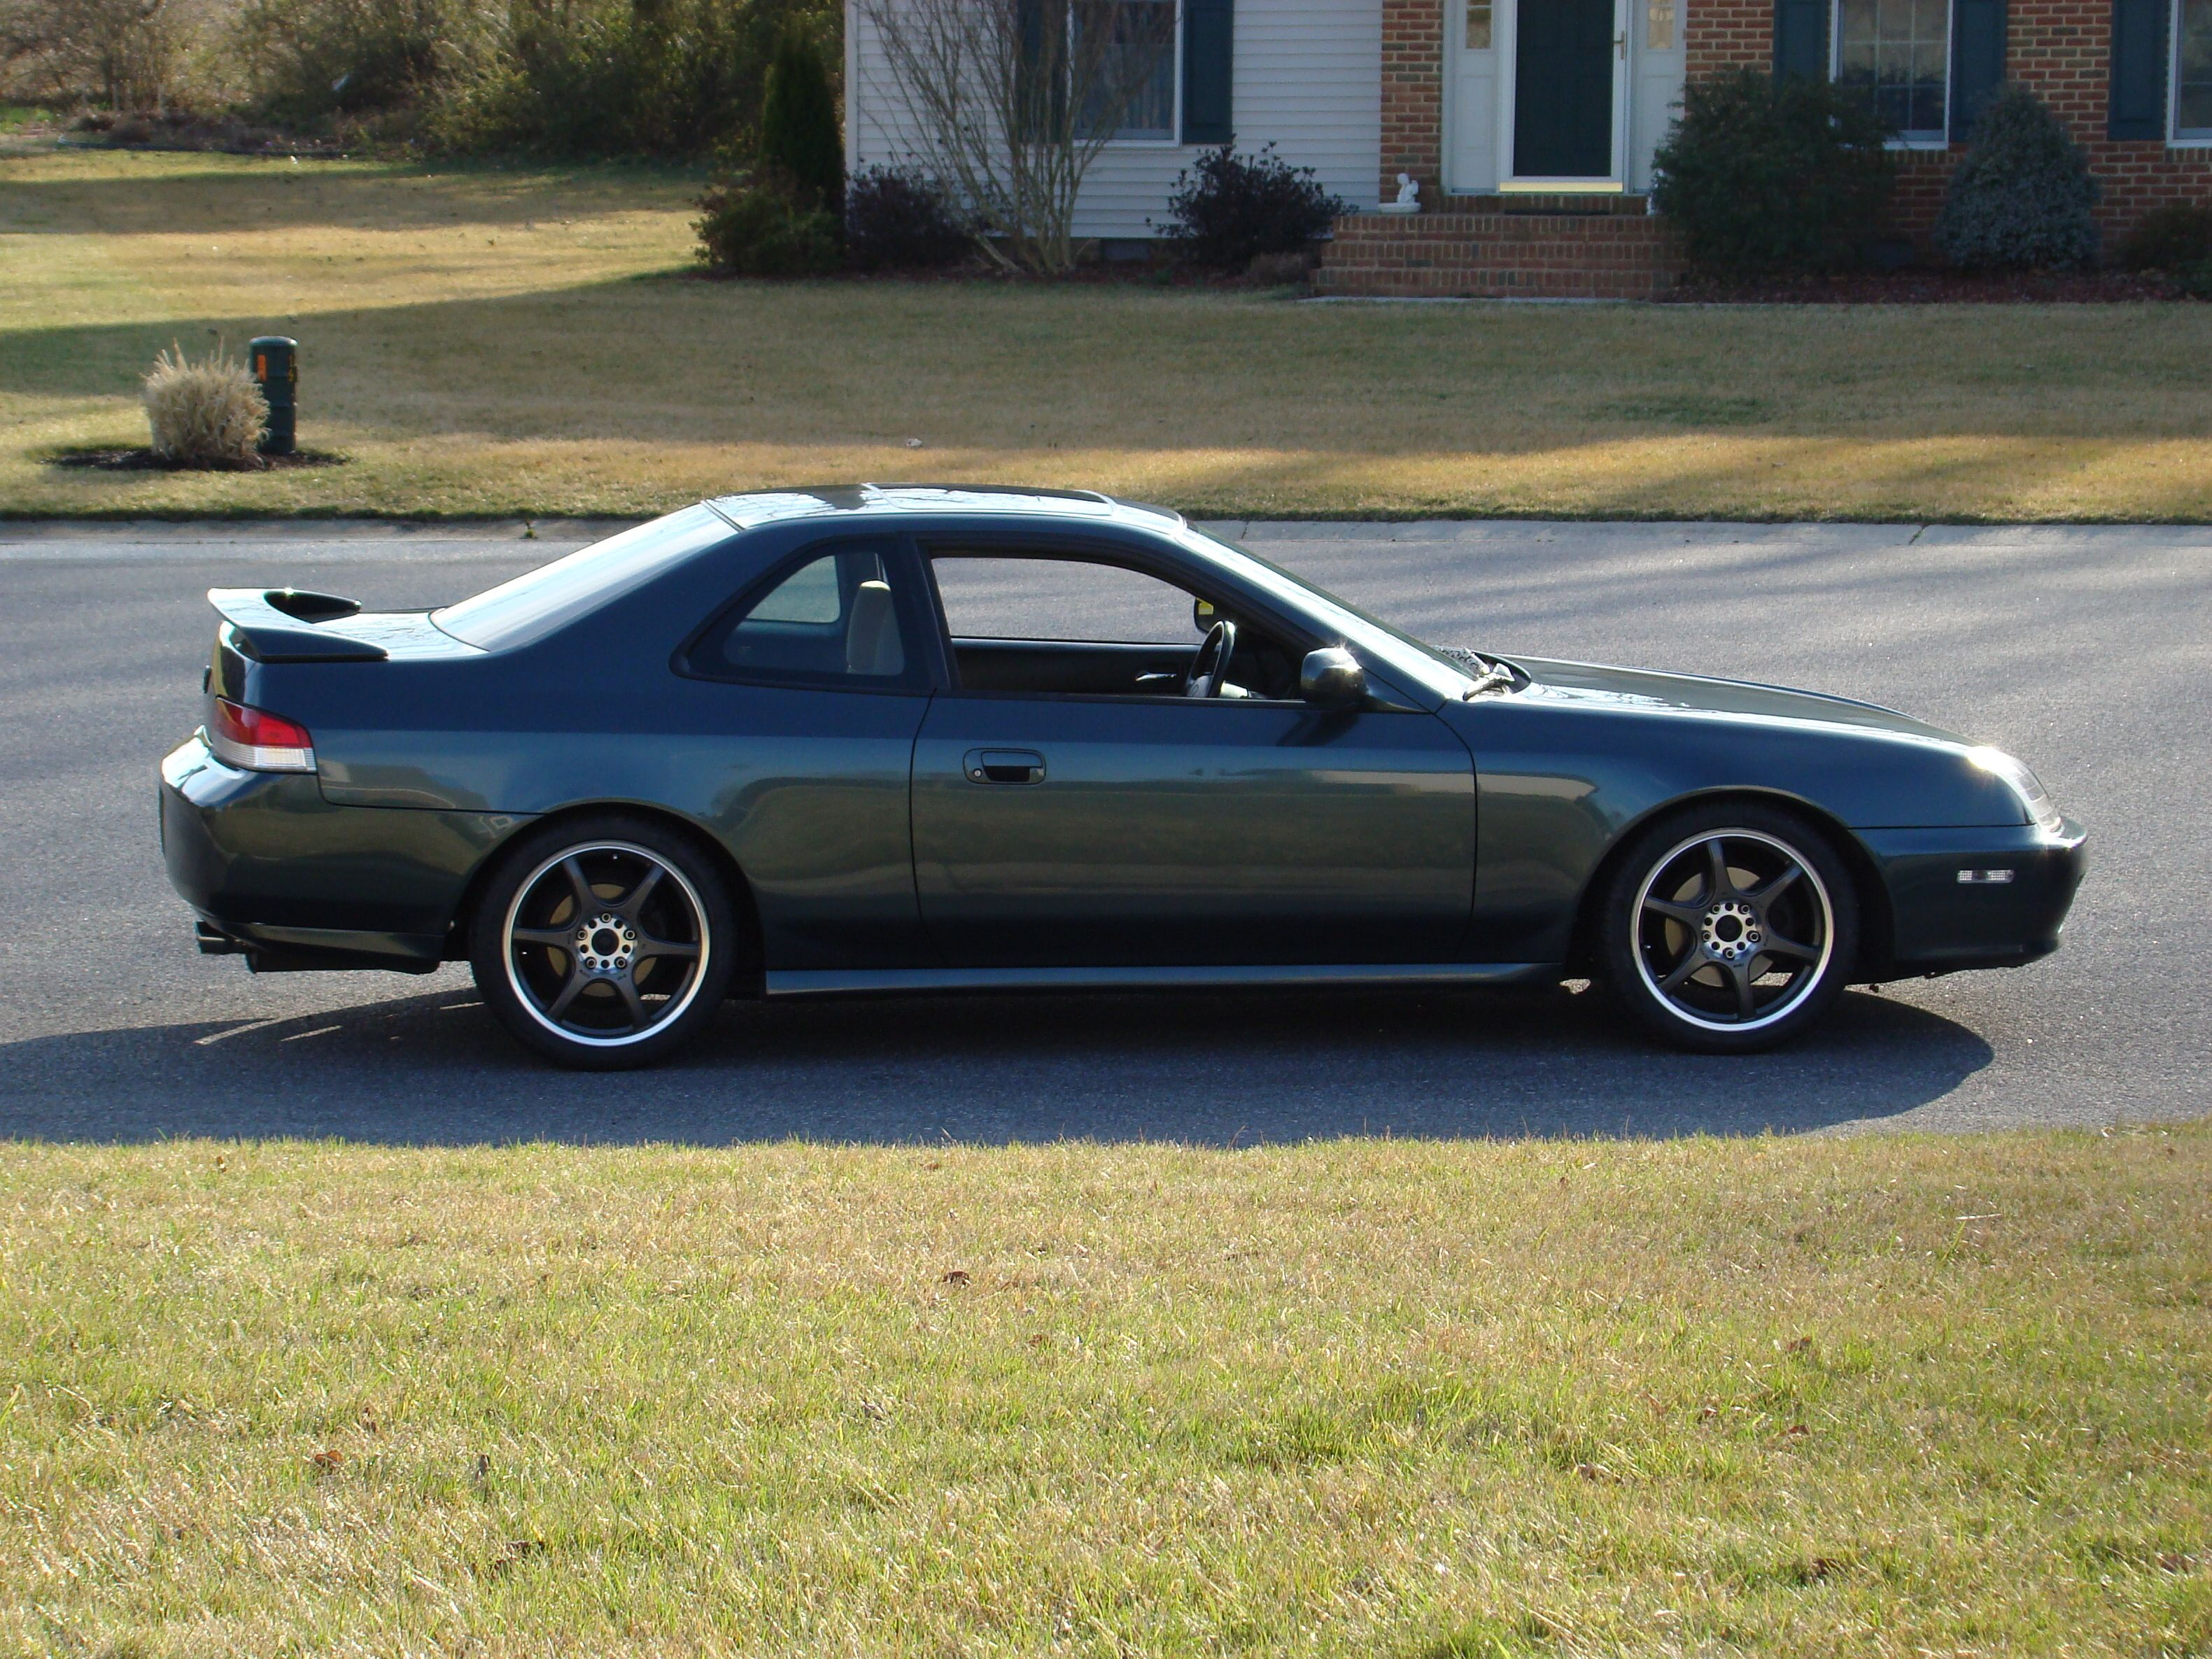 1997 Honda Prelude #4 Honda Prelude #4